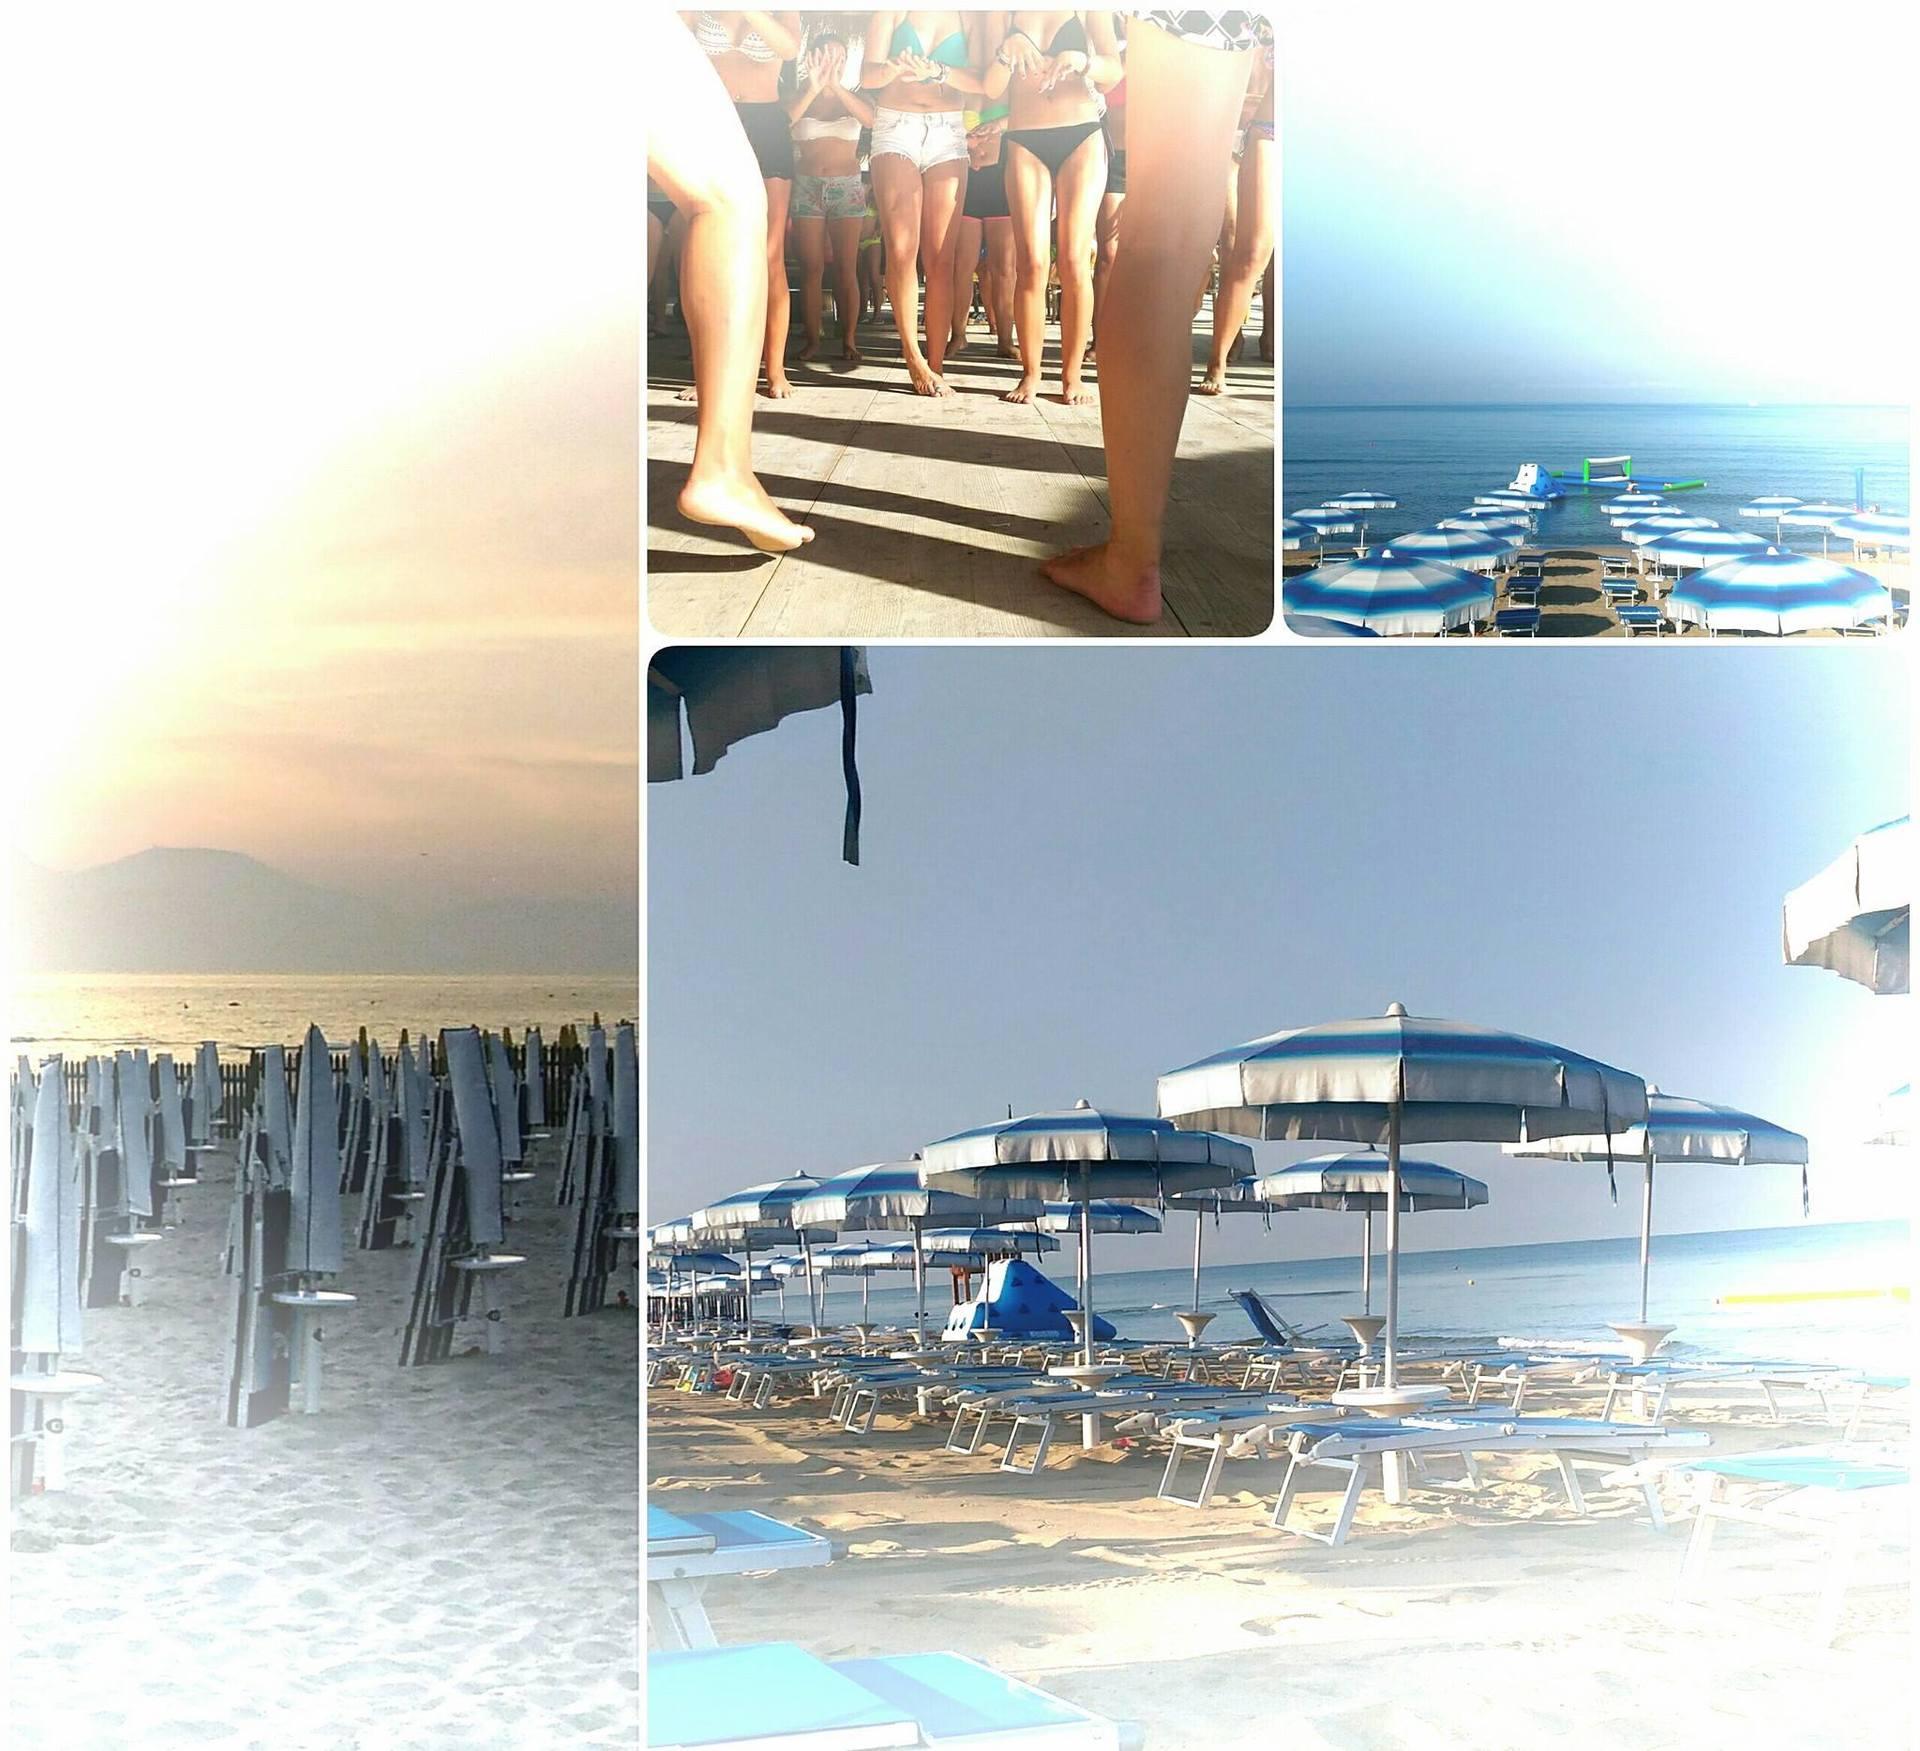 degli ombrelloni in una spiaggia